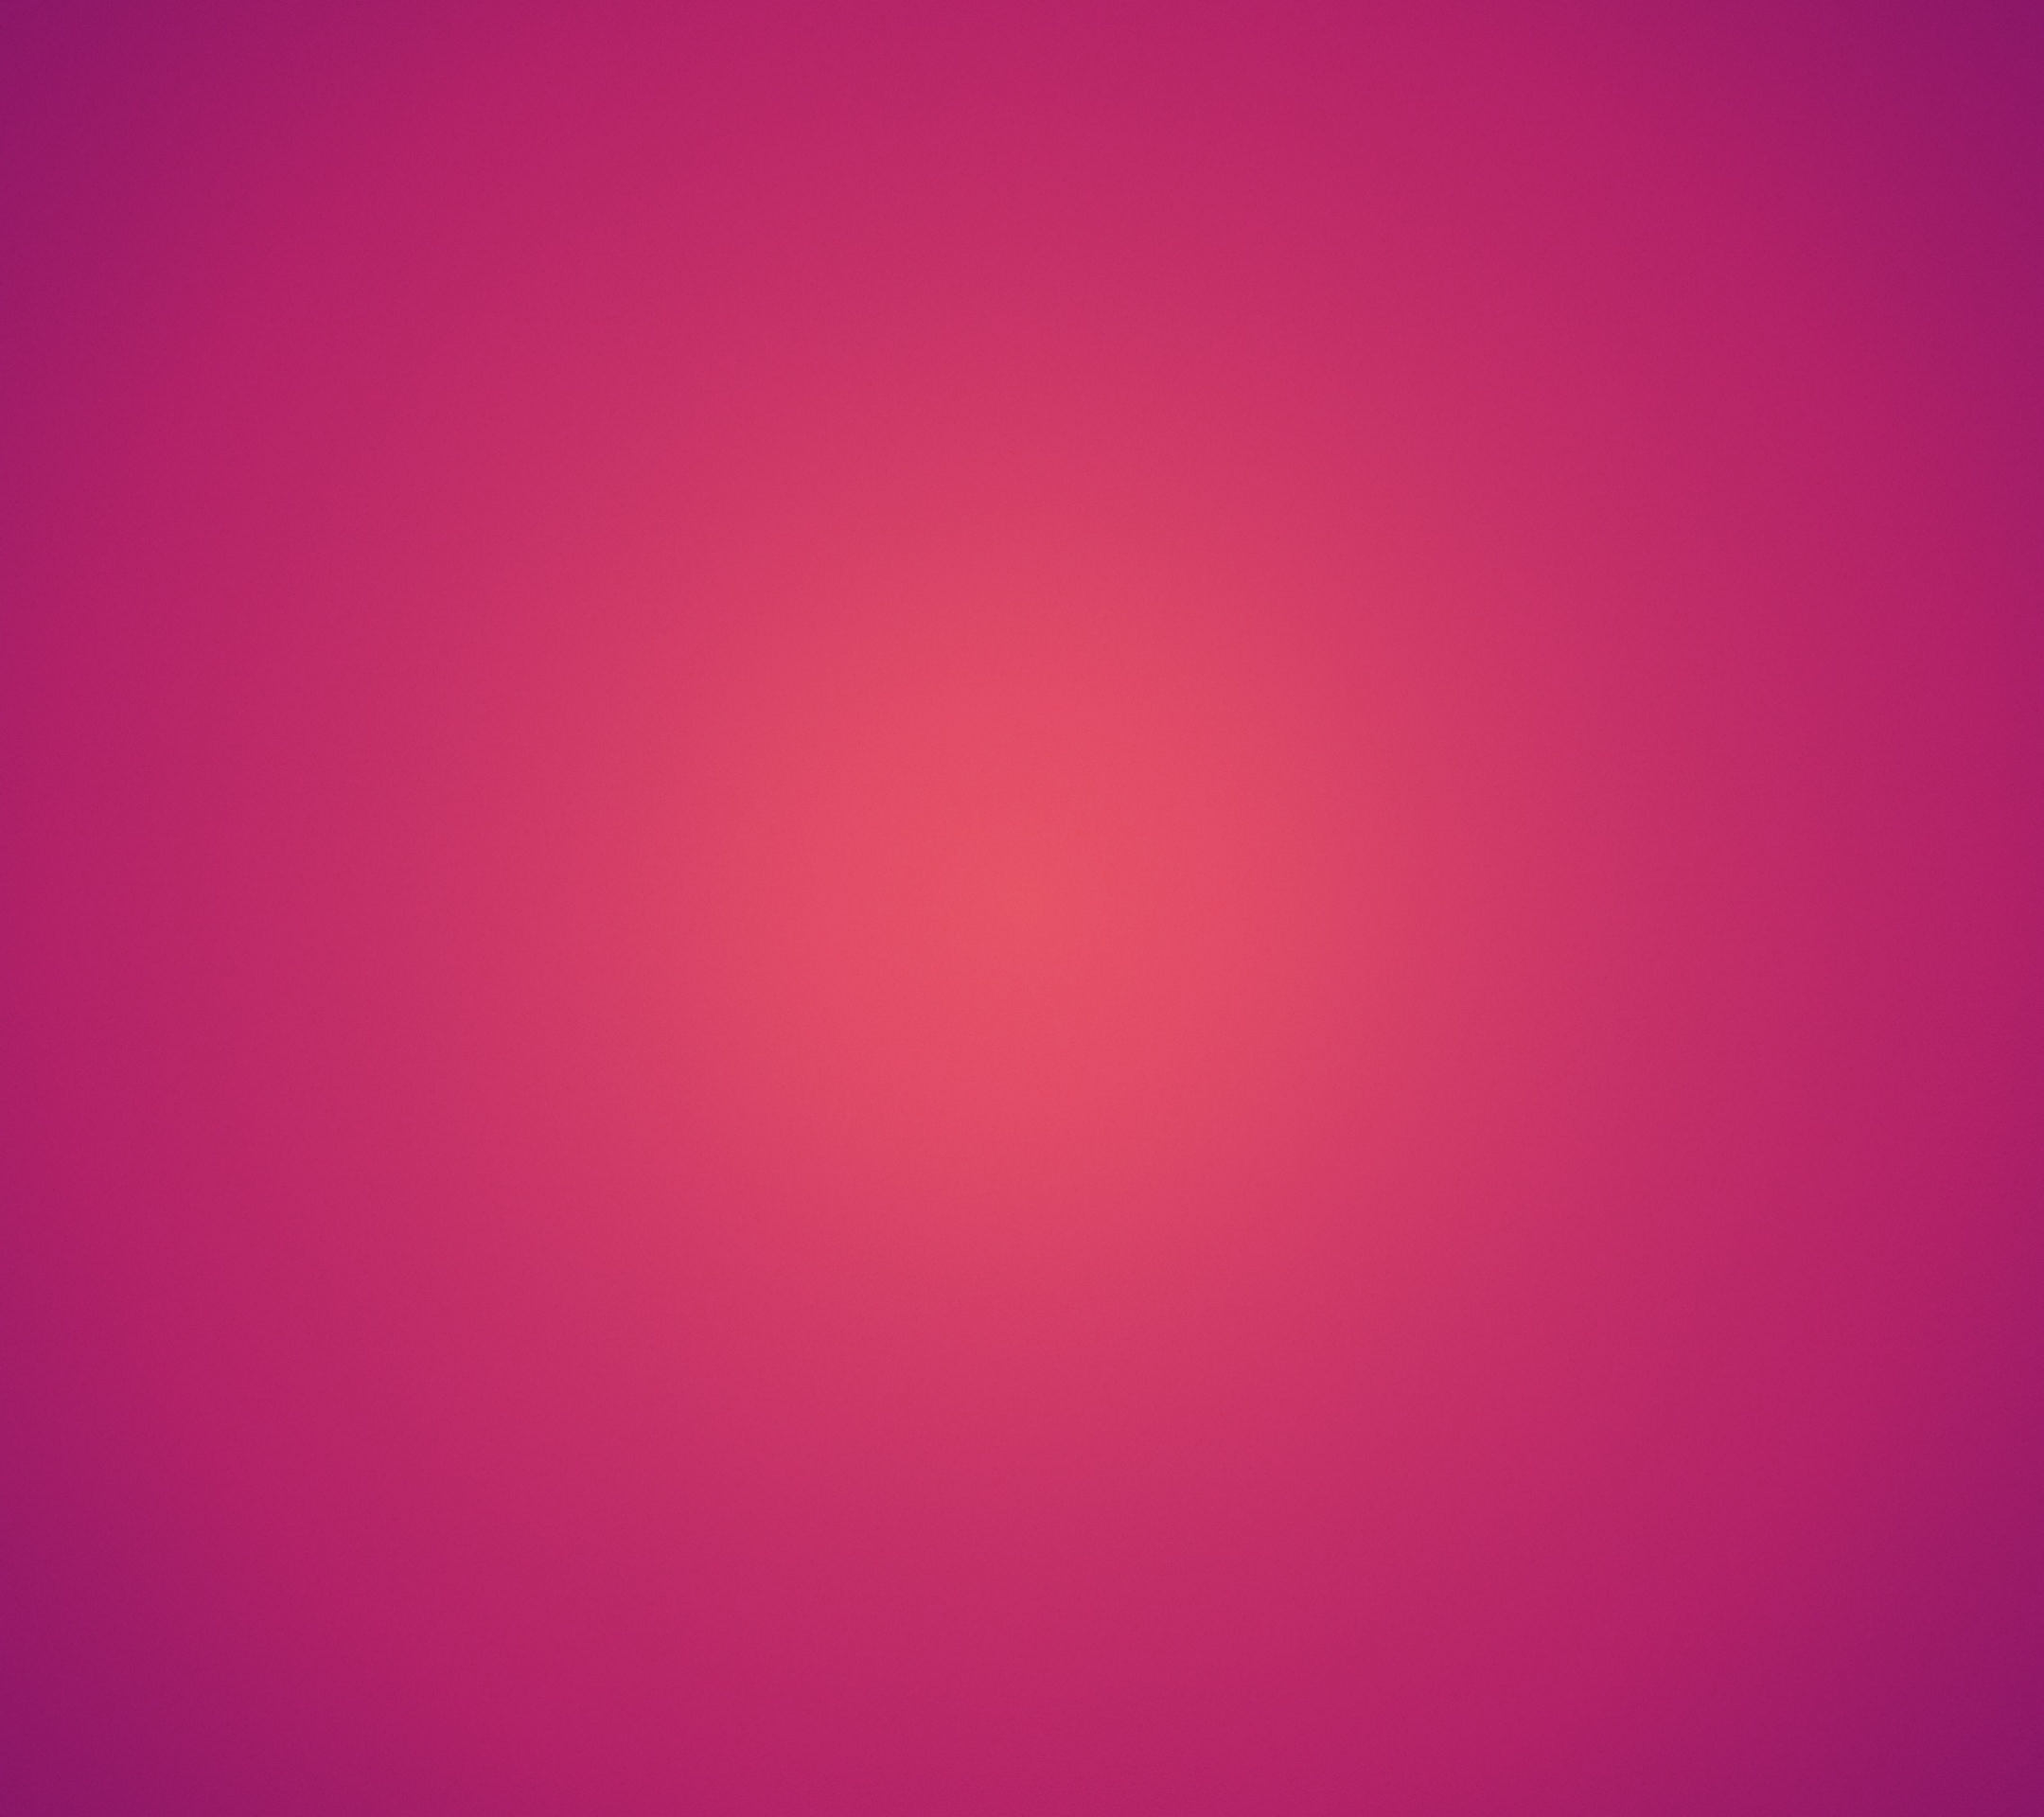 濃いピンクのグラデーション Android壁紙